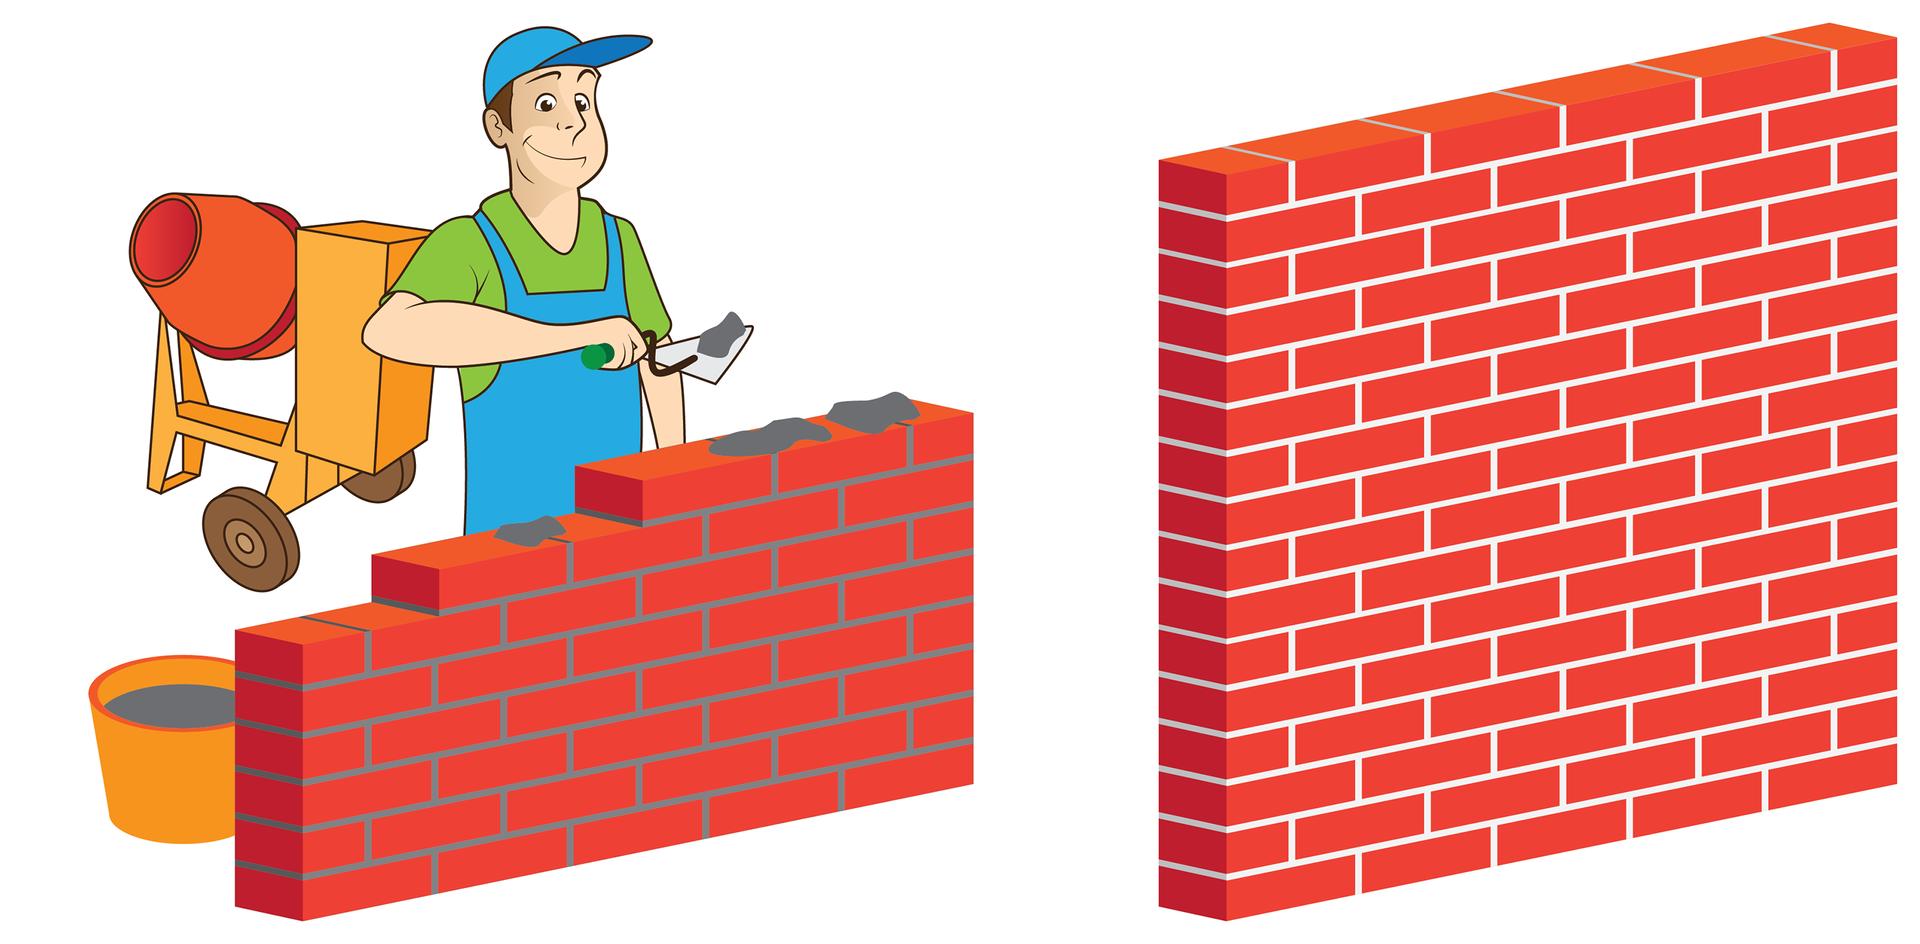 Ilustracja składa się zdwóch sąsiadujących rysunków. Rysunek po lewej stronie przedstawia robotnika stawiającego mur zcegieł inarzucającego zaprawę na kolejne cegły. Obok robotnika stoi wiadro zzaprawą, anieco dalej za nim pomarańczowa betoniarka. Na rysunku po prawej stronie gotowa ściana zcegieł izaschniętej, białej już zaprawy.